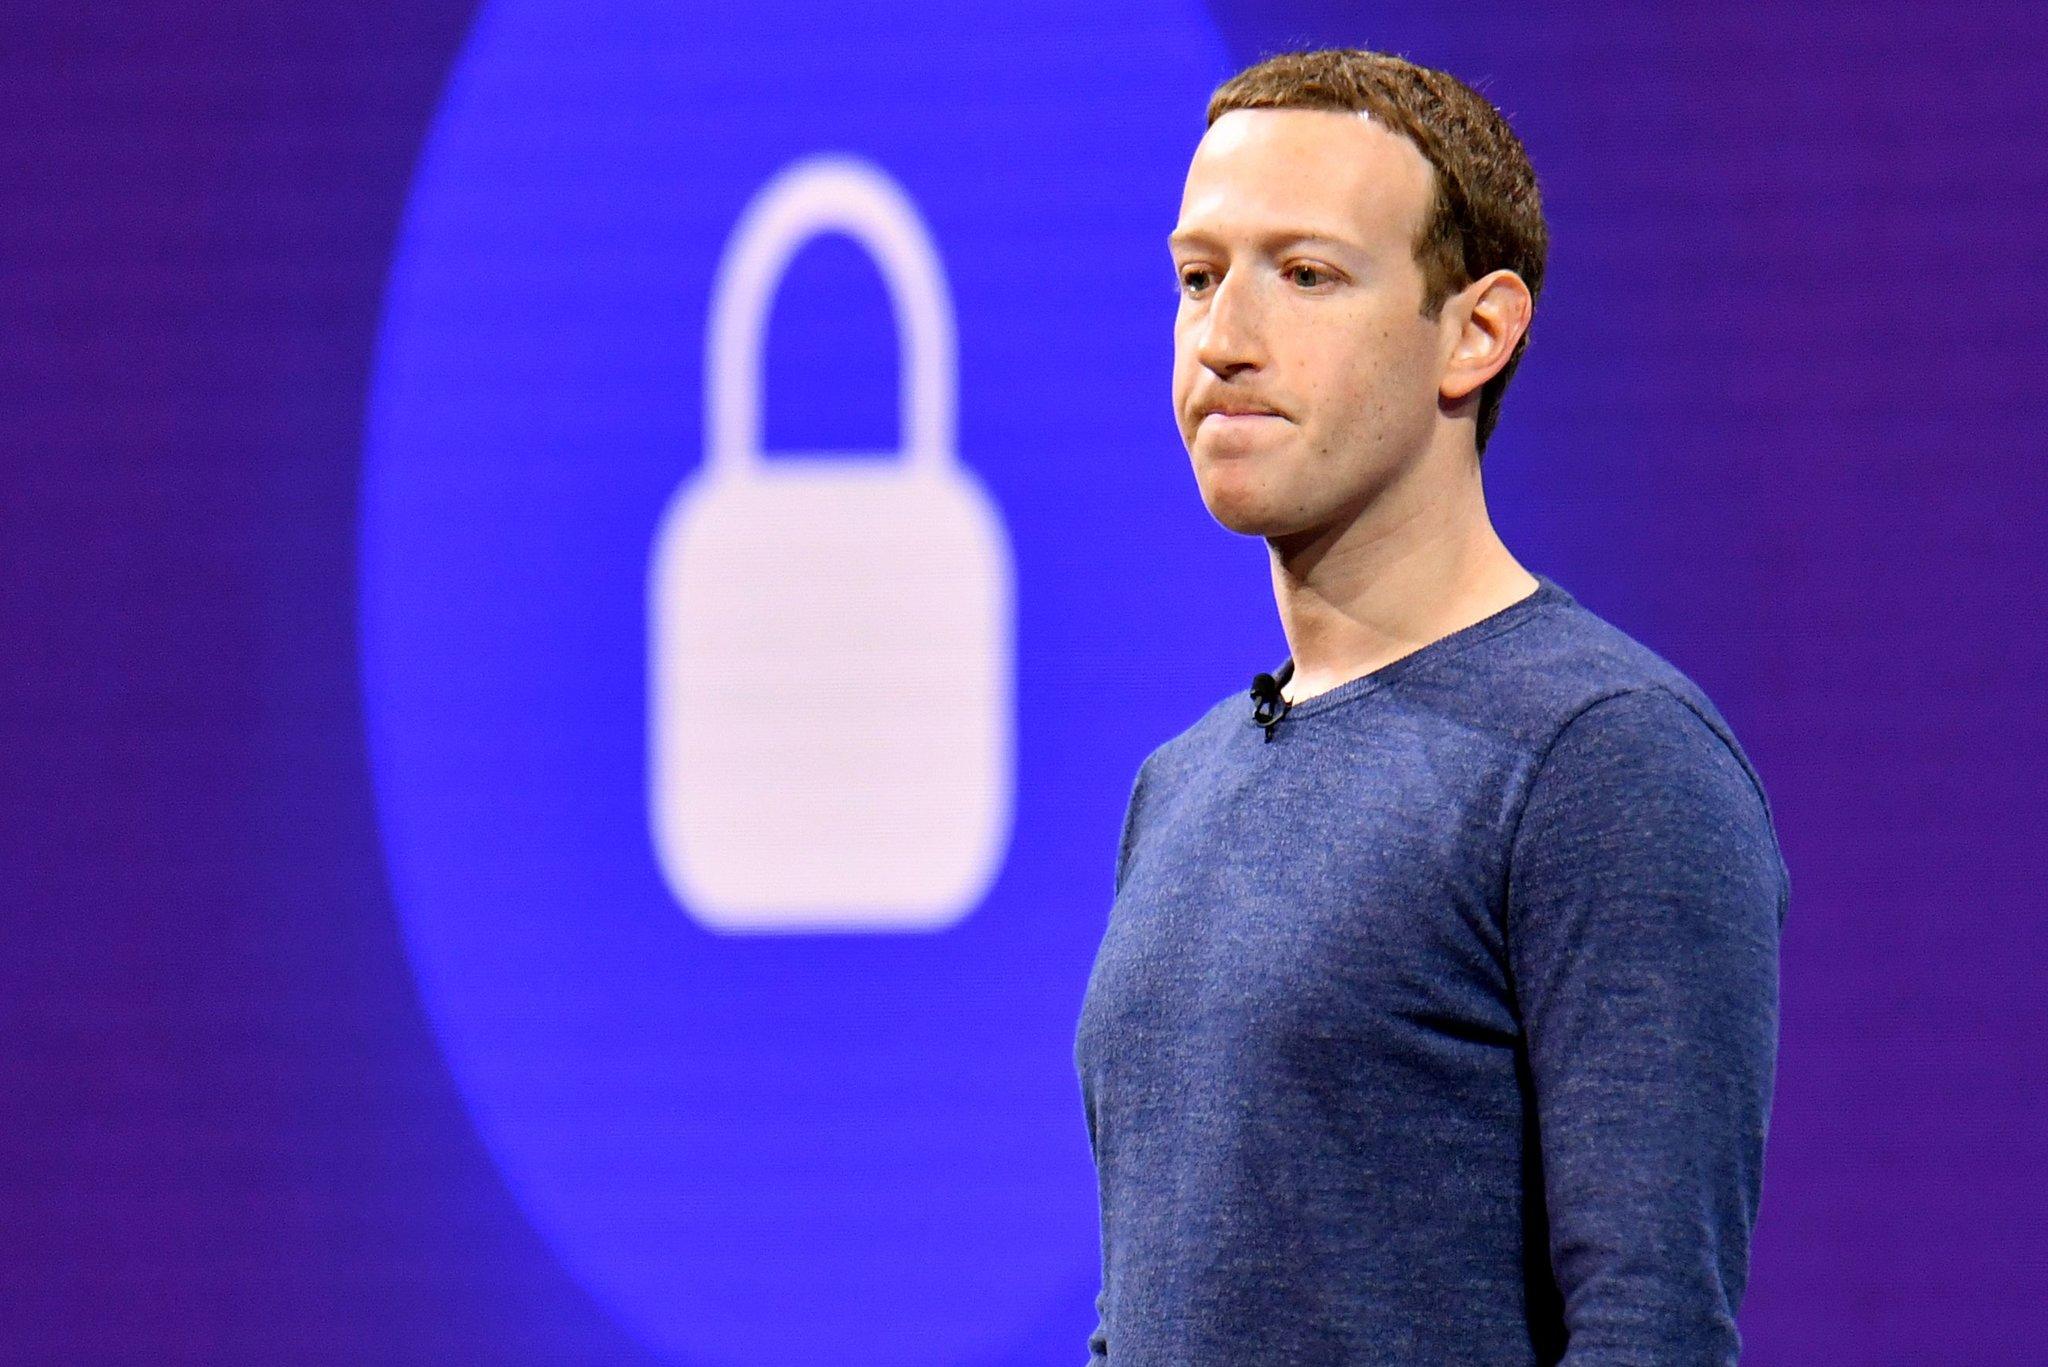 ៥ ឆ្នាំចុងក្រោយ Facebook ចាយលុយ ១៣ ពាន់លានដុល្លារលើប្រព័ន្ធសុវត្ថិភាព បង្កើនល្បឿនការងារលឿនជាងមុន ១៥ ដង